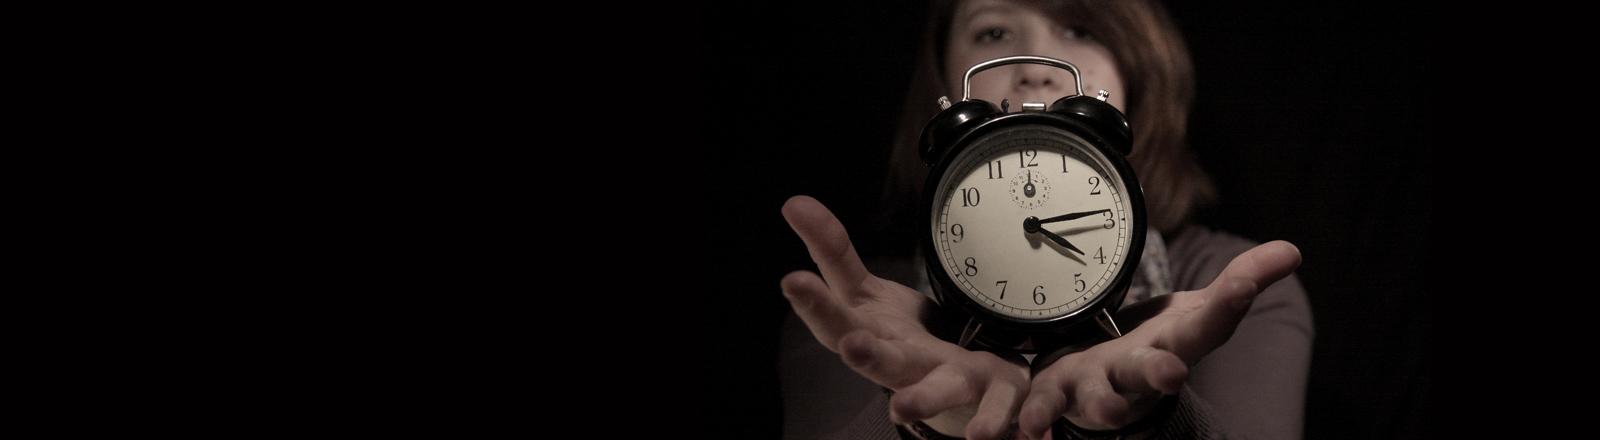 Die Lebenszeit vergeht. Eine Frau hält einen Wecker in den Händen.